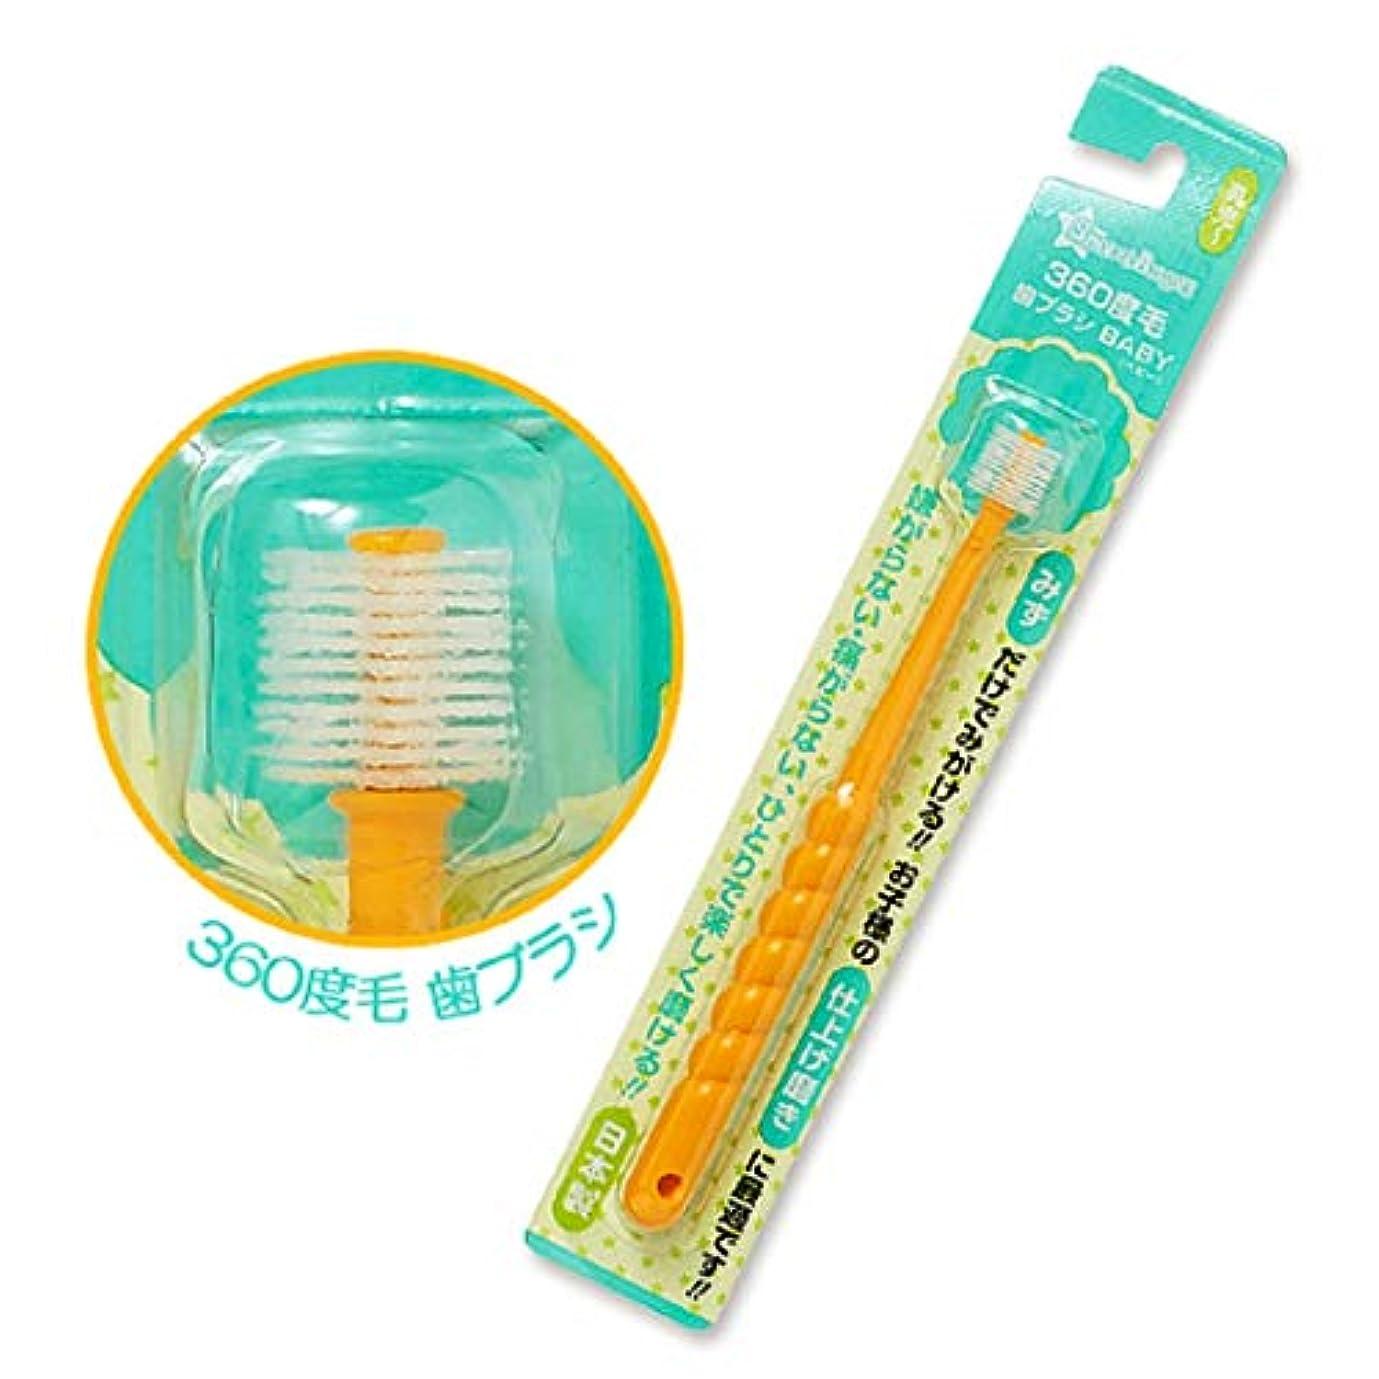 排除する影響力のあるポーン西松屋 SmartAngel) 360度毛歯ブラシBABY(オレンジ)